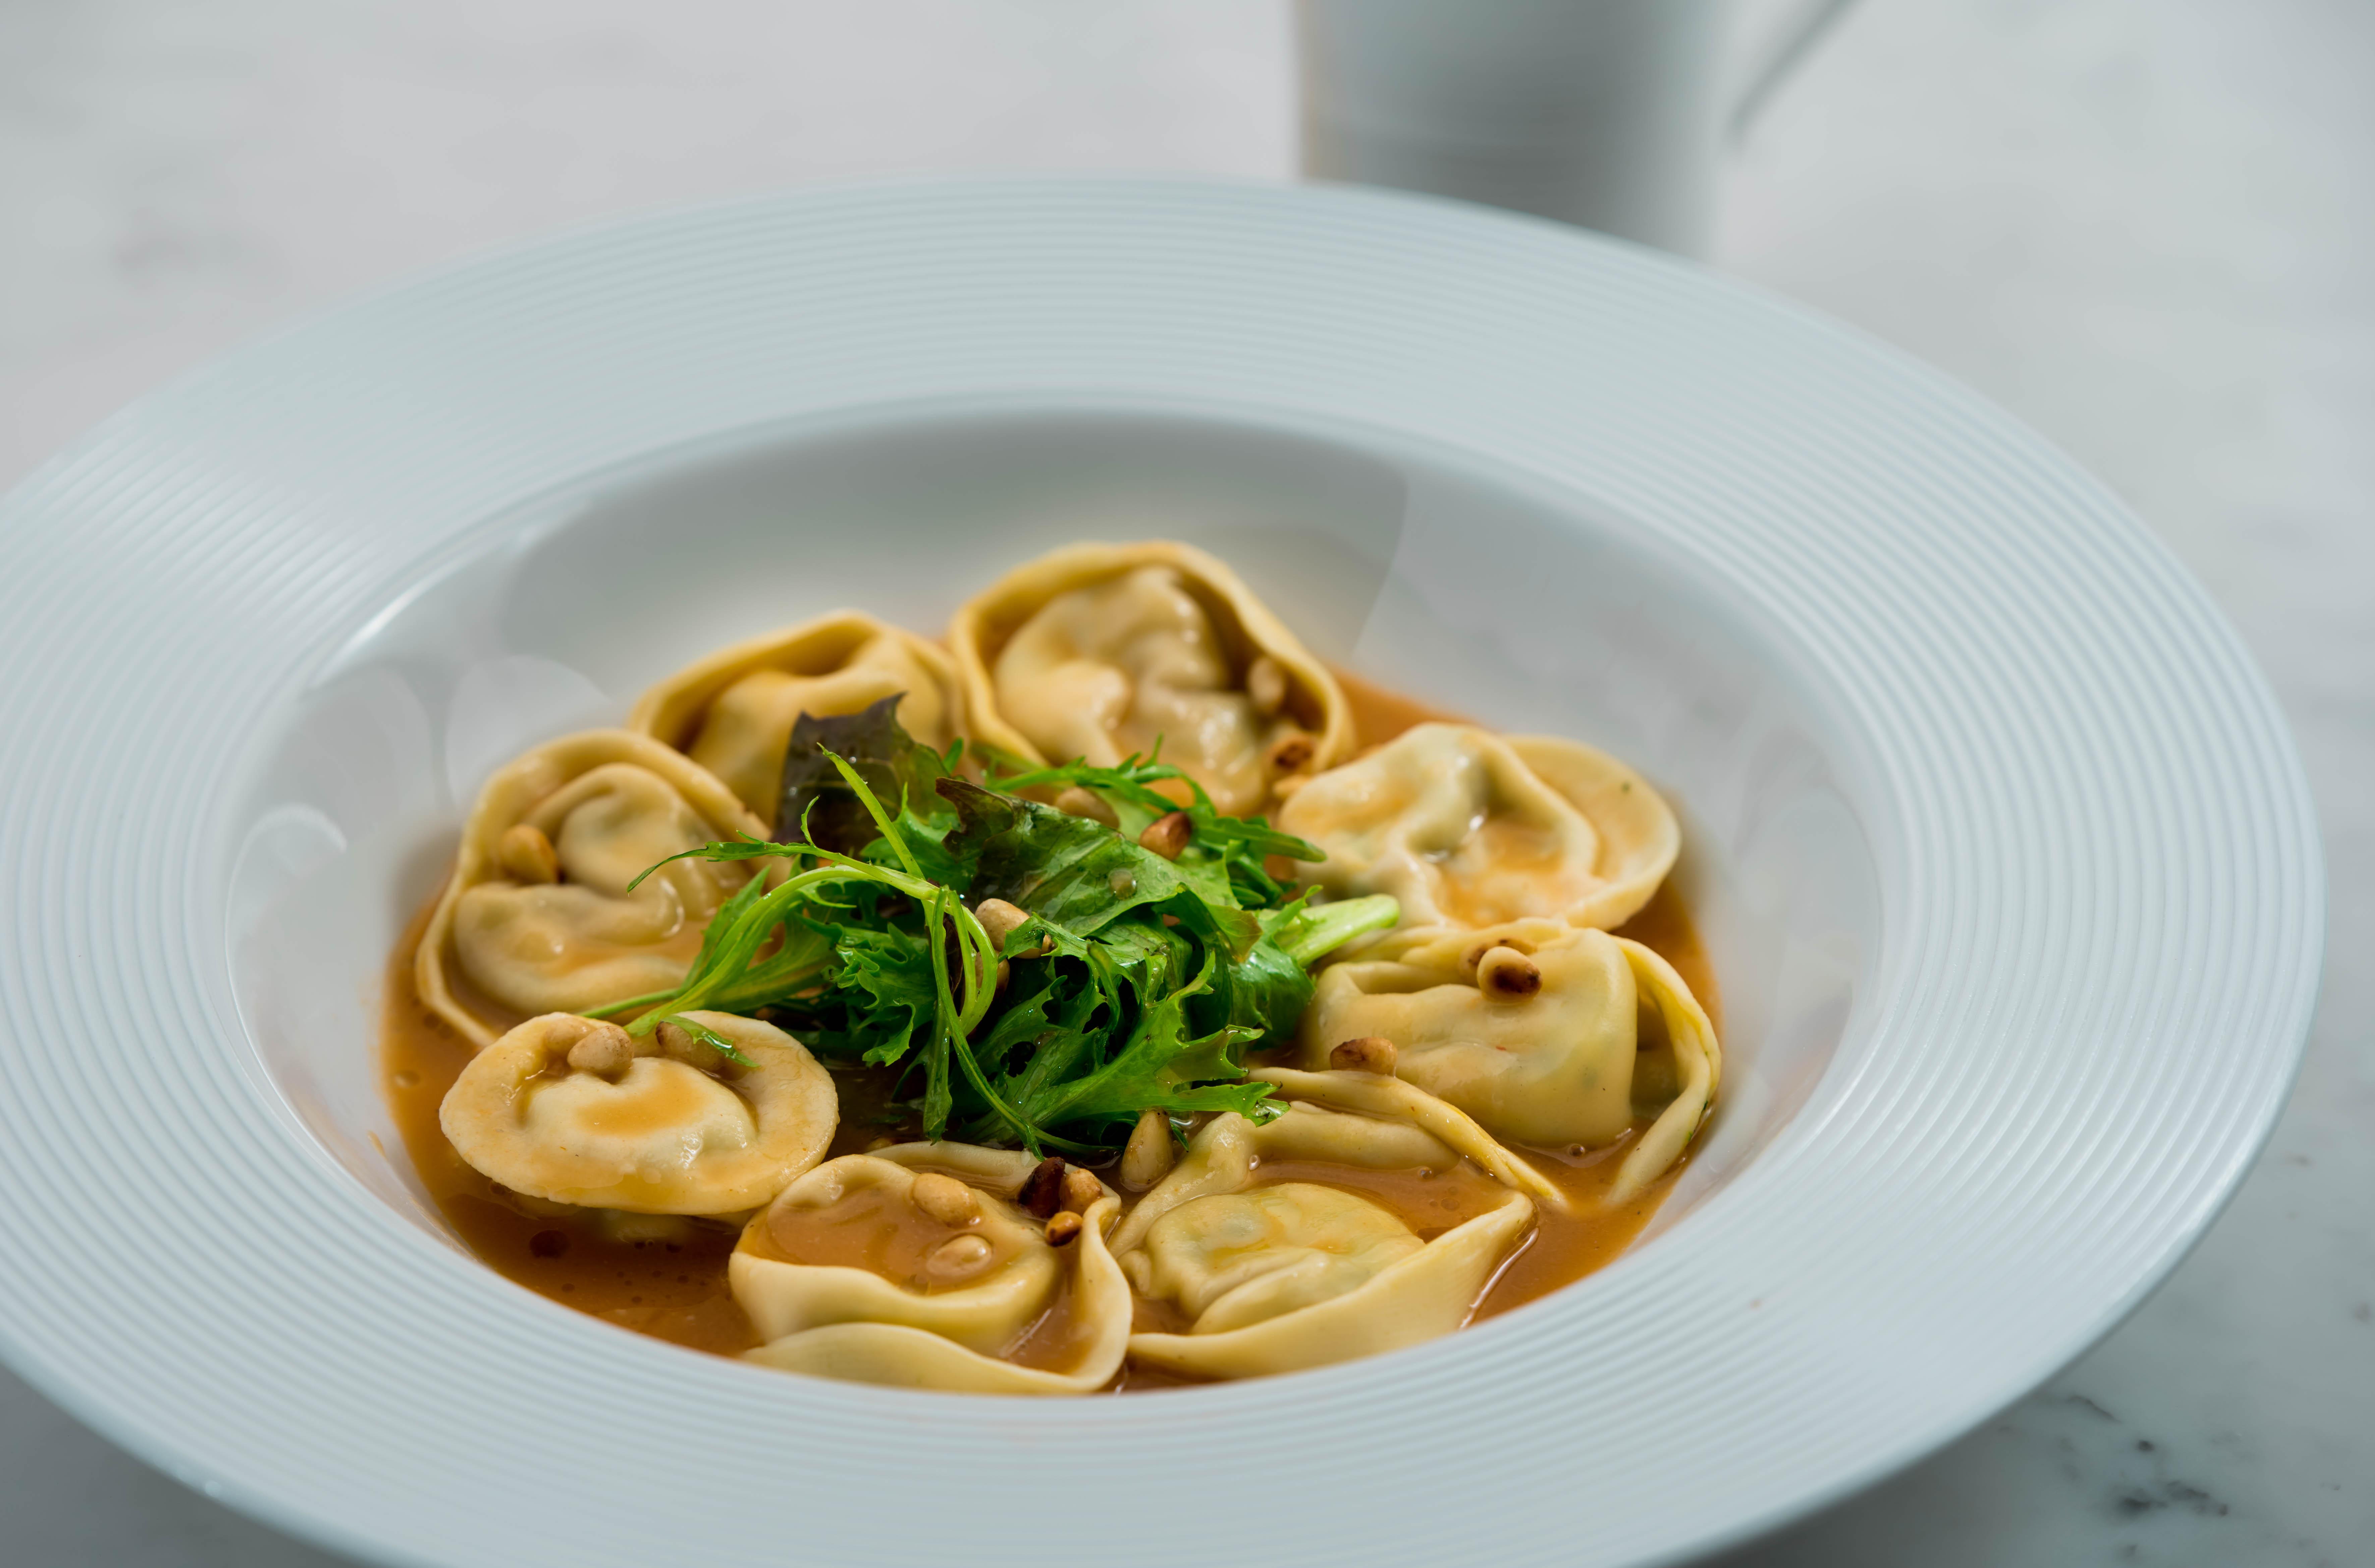 Tortellini di Valeggio ricetta originale: come prepararli